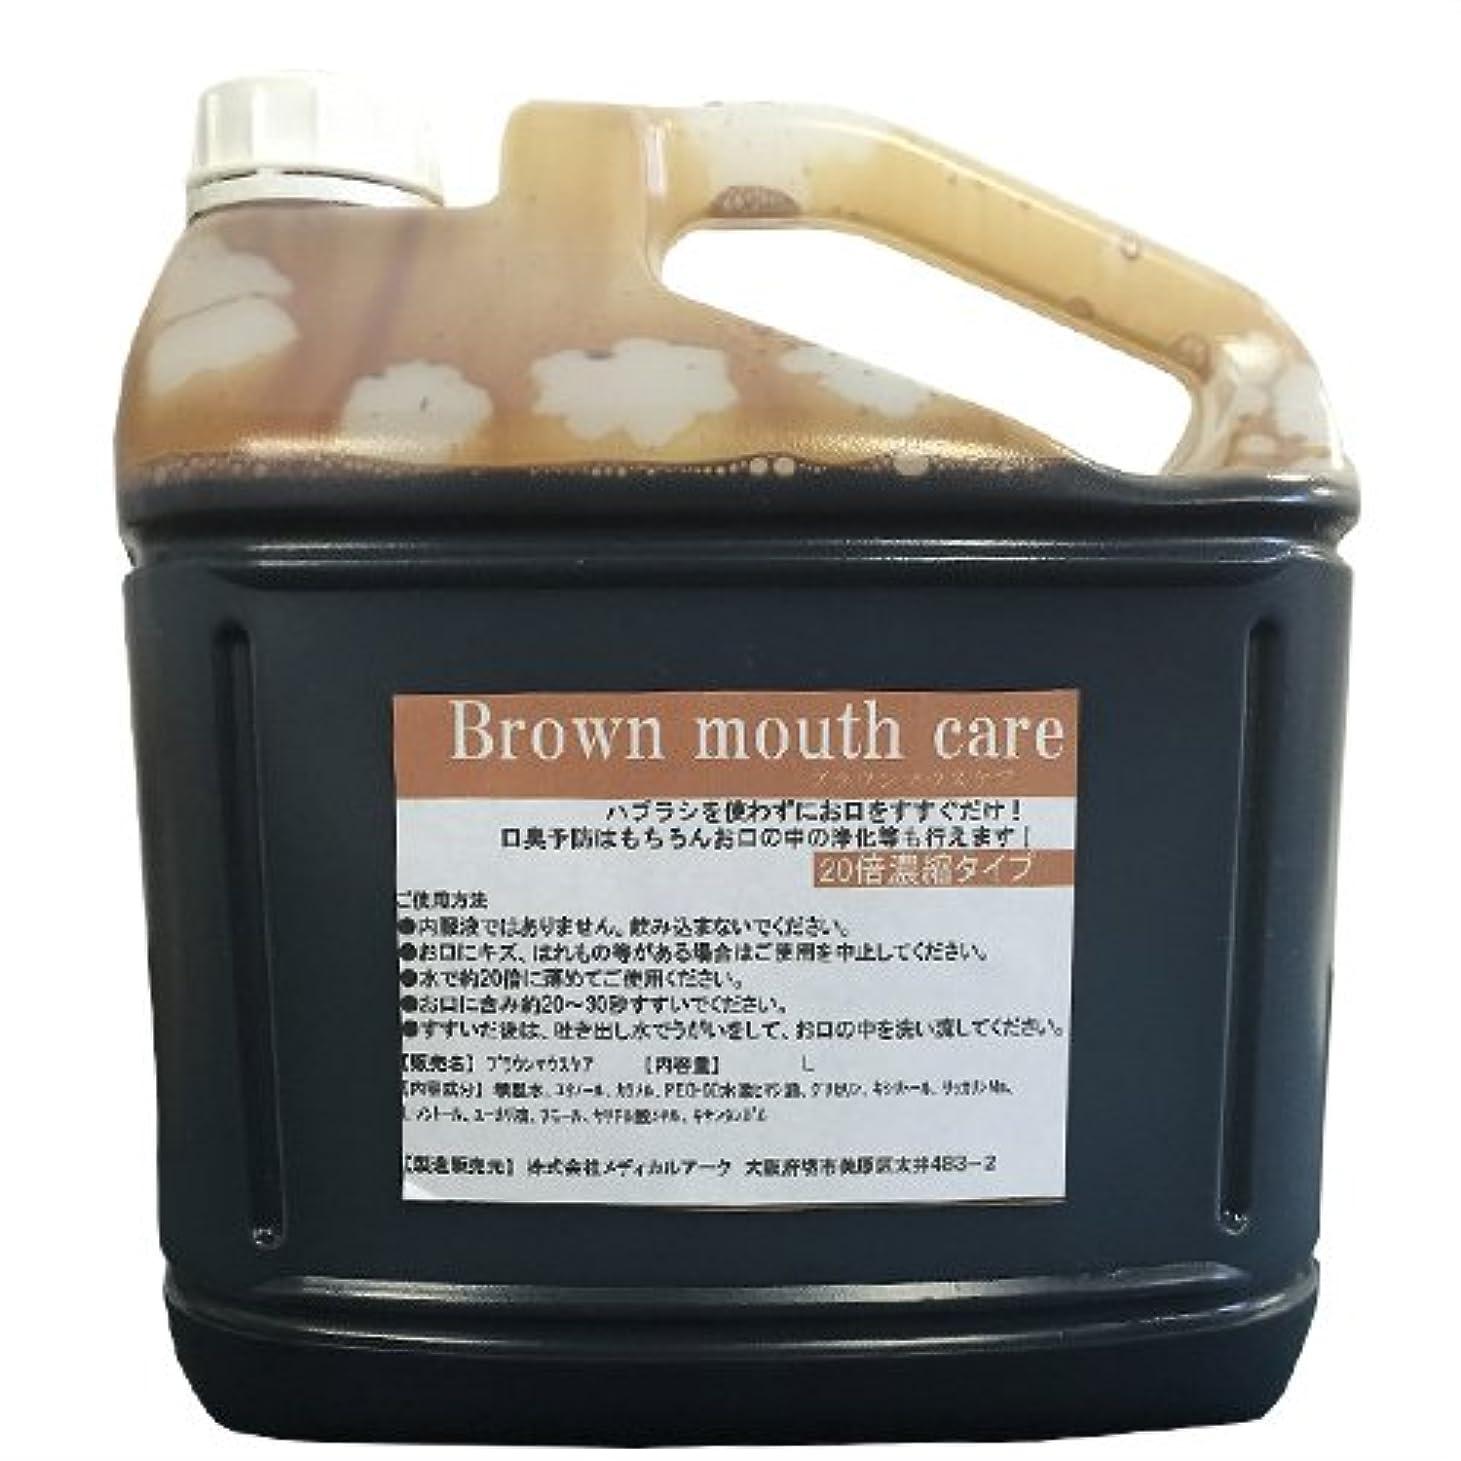 男レッスンペット業務用洗口液 ガーグル ブラウンマウスケア (Brown mouth care) 20倍濃縮タイプ 5L (詰め替えコック付き)